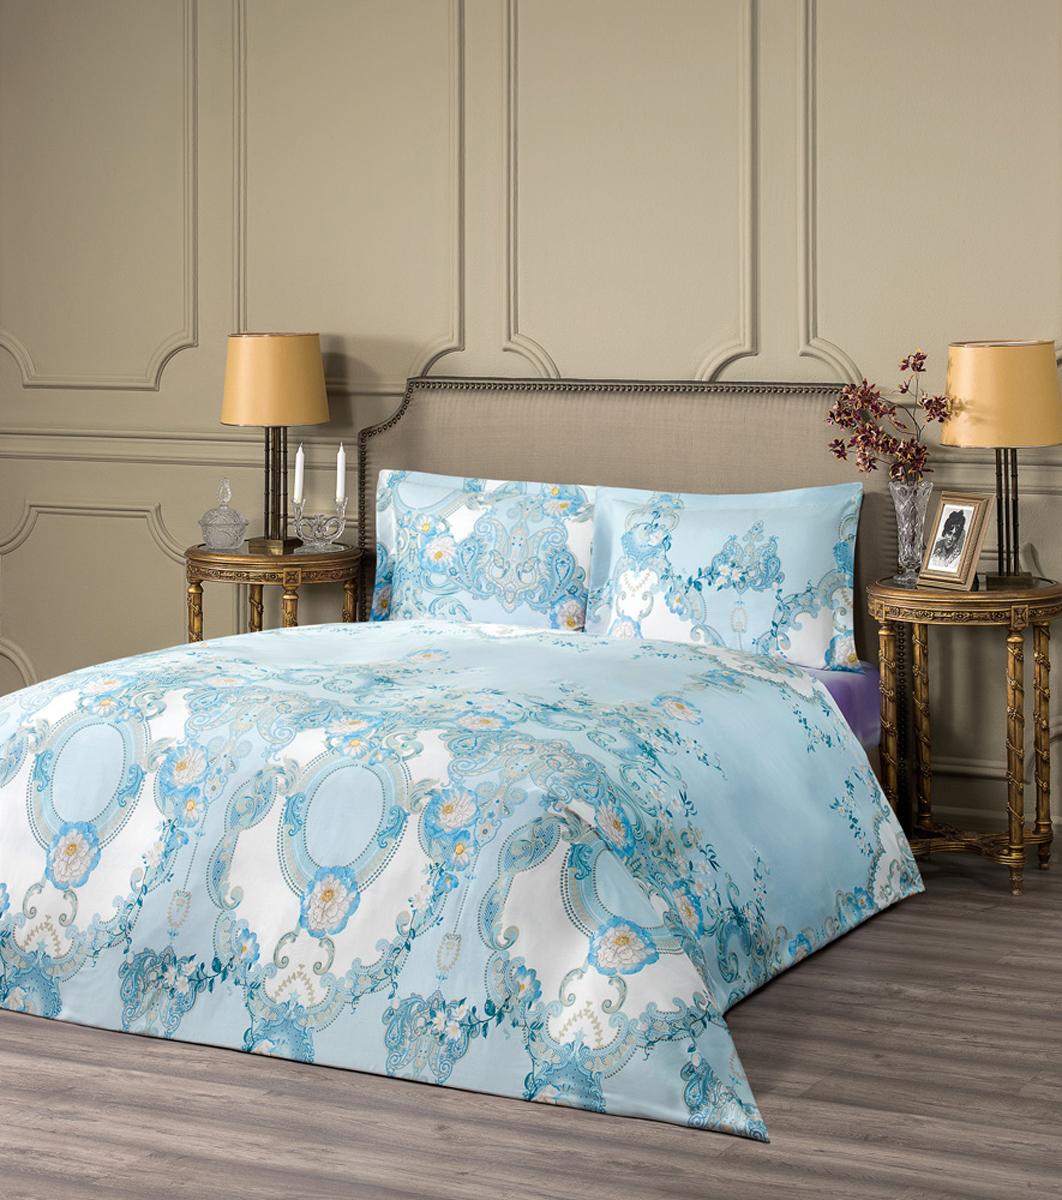 Комплект белья Estia Джардини, 1,5-спальный, наволочки 50x70, цвет: голубой99.57.41.0013Комплект белья Estia Джардини из эвкалиптового волокна наполнит вашу спальню уютом и красотой. Комплект приятен на ощупь и не капризен вуходе. ESTIA - бренд домашнего текстиля группы компаний Togas. Основанная в 1926 году в Греции предпринимателем Илиасом Тогасом, компанияодна из первых применила новаторские методы пошива и декорирования постельного белья и заслужила репутацию ведущего эксперта втекстильном деле. Верность семейным традициям качества и новаторский дух - главные слагаемые успеха Togas, чьи достижения изменилиоблик современной текстильной промышленности и наши представления о комфорте. ESTIA - это итальянская классика, где винтажный стиль и щедрое использование аутентичных элементов декора дополняются высокимкачеством тканей.Все это, а также исключительная практичность и простота в эксплуатации делают продукцию бренда эталоном современного комфорта.Если вы искали совершенства - вы его нашли: ESTIA - это настоящее украшение, которое преобразит не только ваш интерьер, но и вашу жизнь.